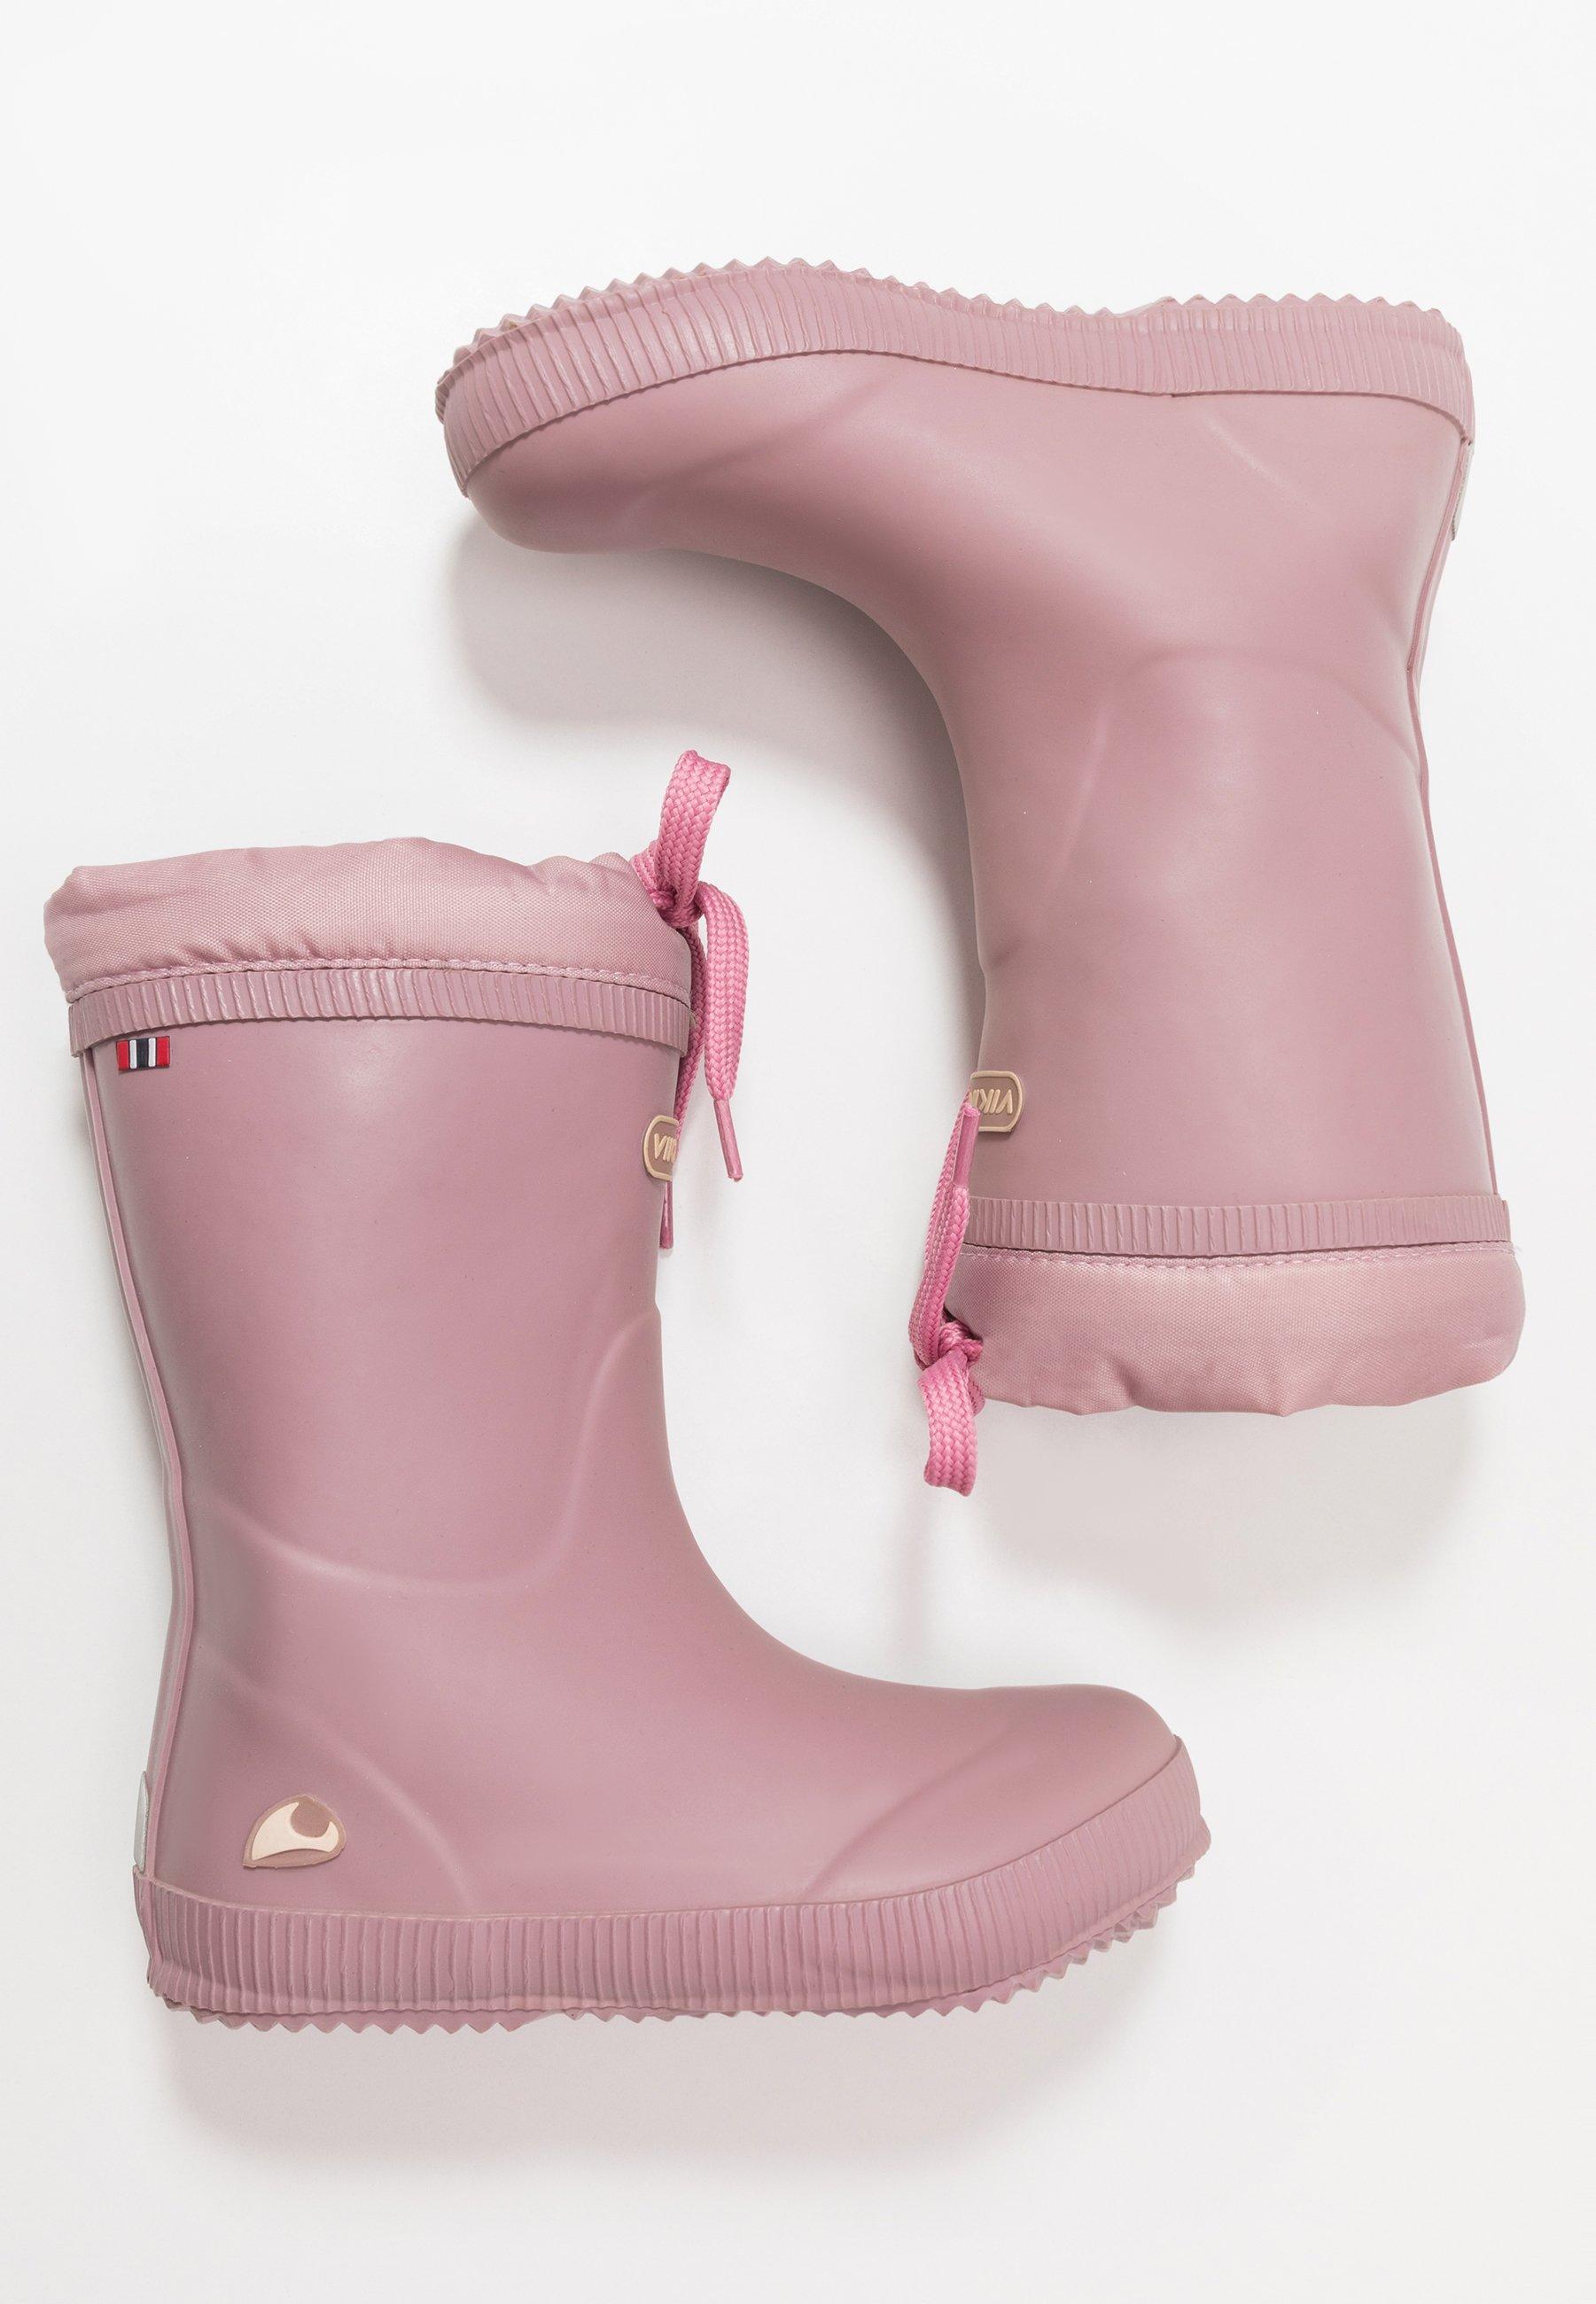 støvler viking dame rosa